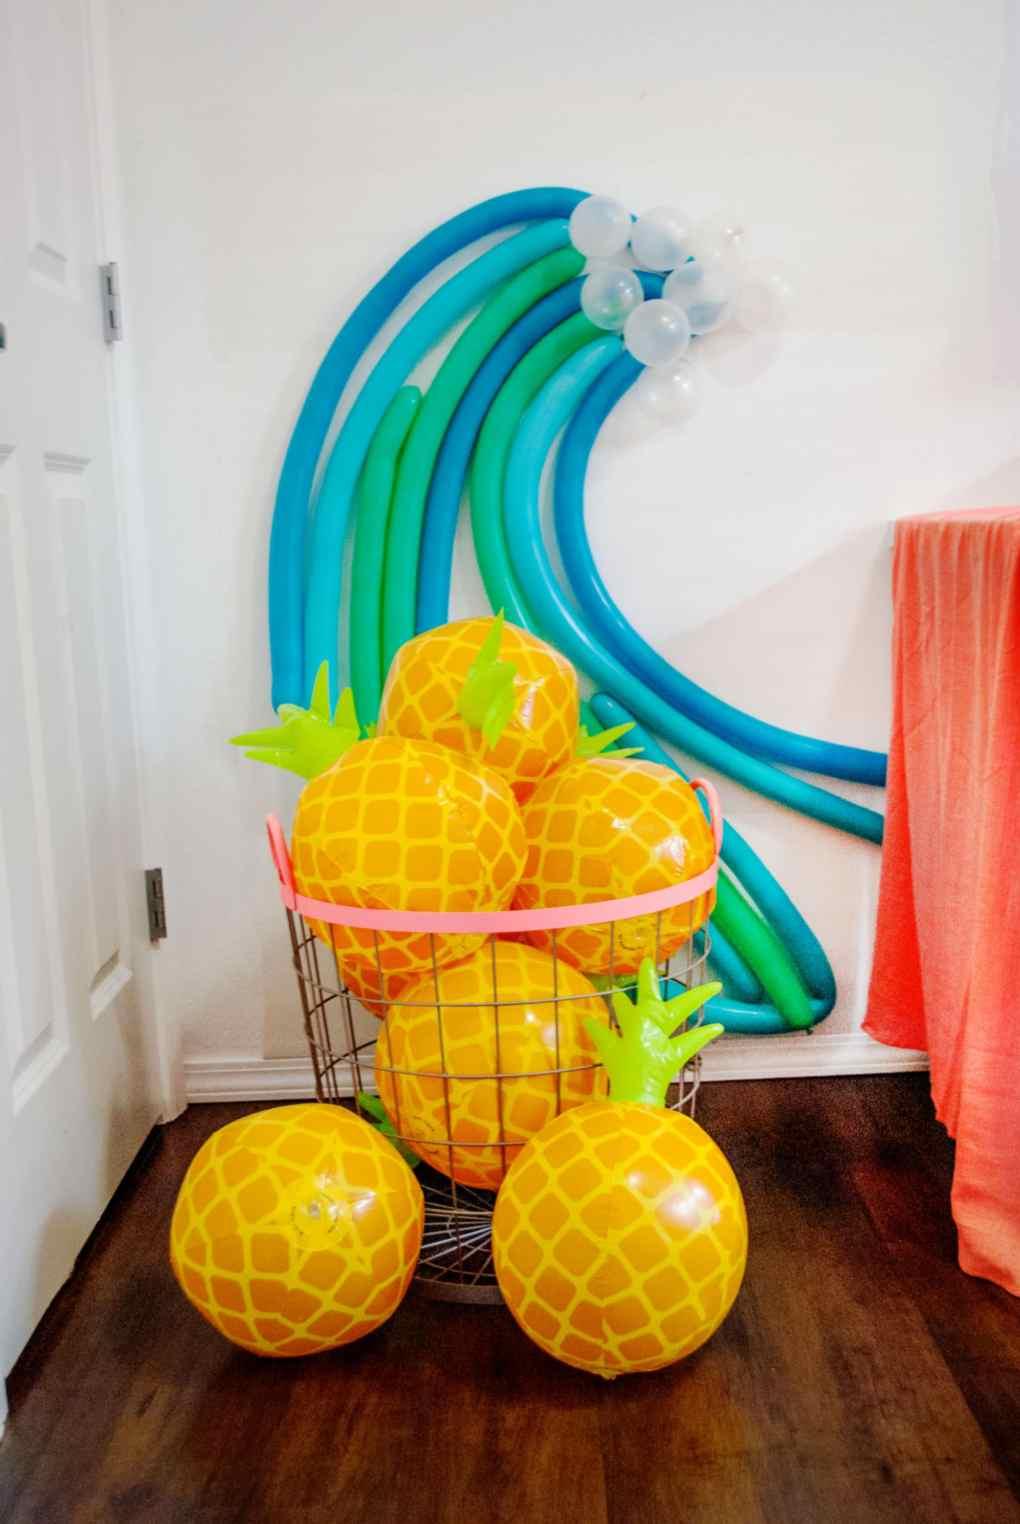 Balloon Wave Installation and Pineapple Beachballs